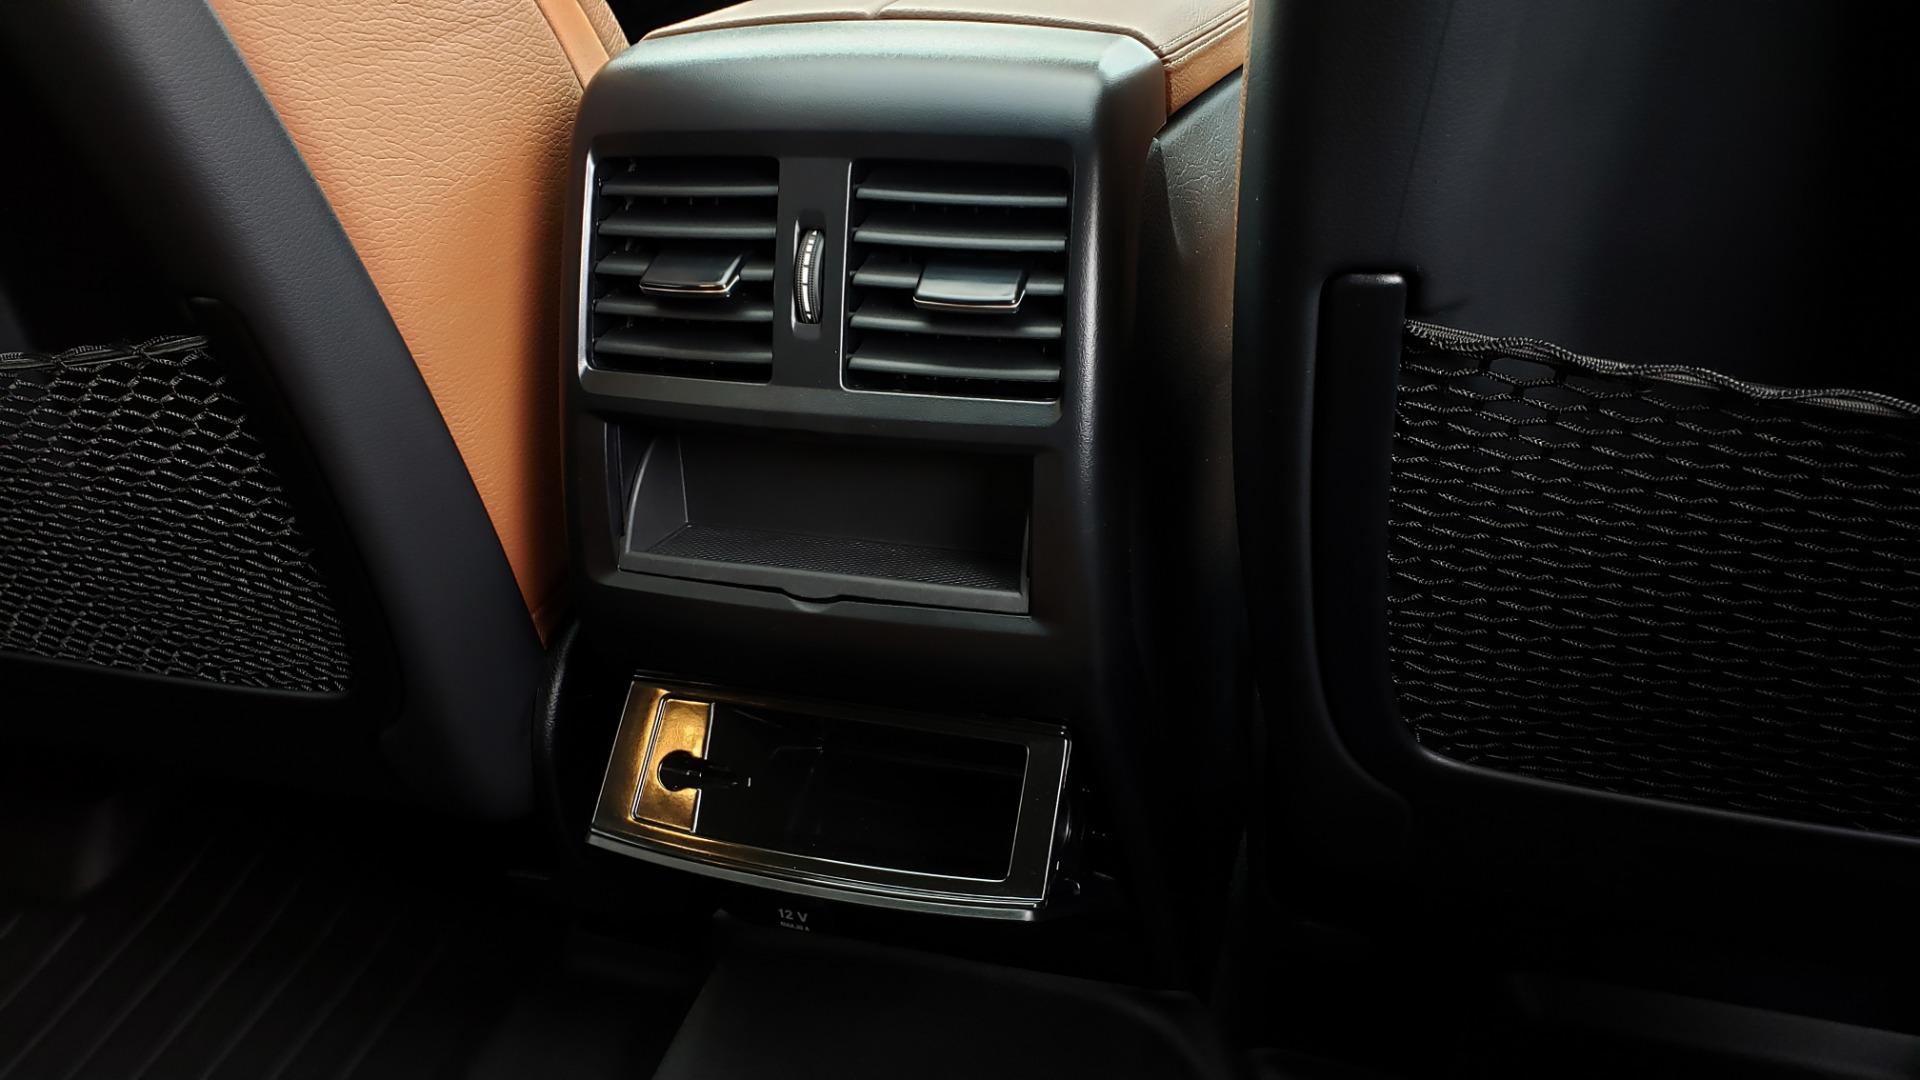 Used 2016 Mercedes-Benz GLE 450 AMG / AWD / PREM PKG / PARK ASST / DRVR ASST / SUNROOF for sale Sold at Formula Imports in Charlotte NC 28227 84